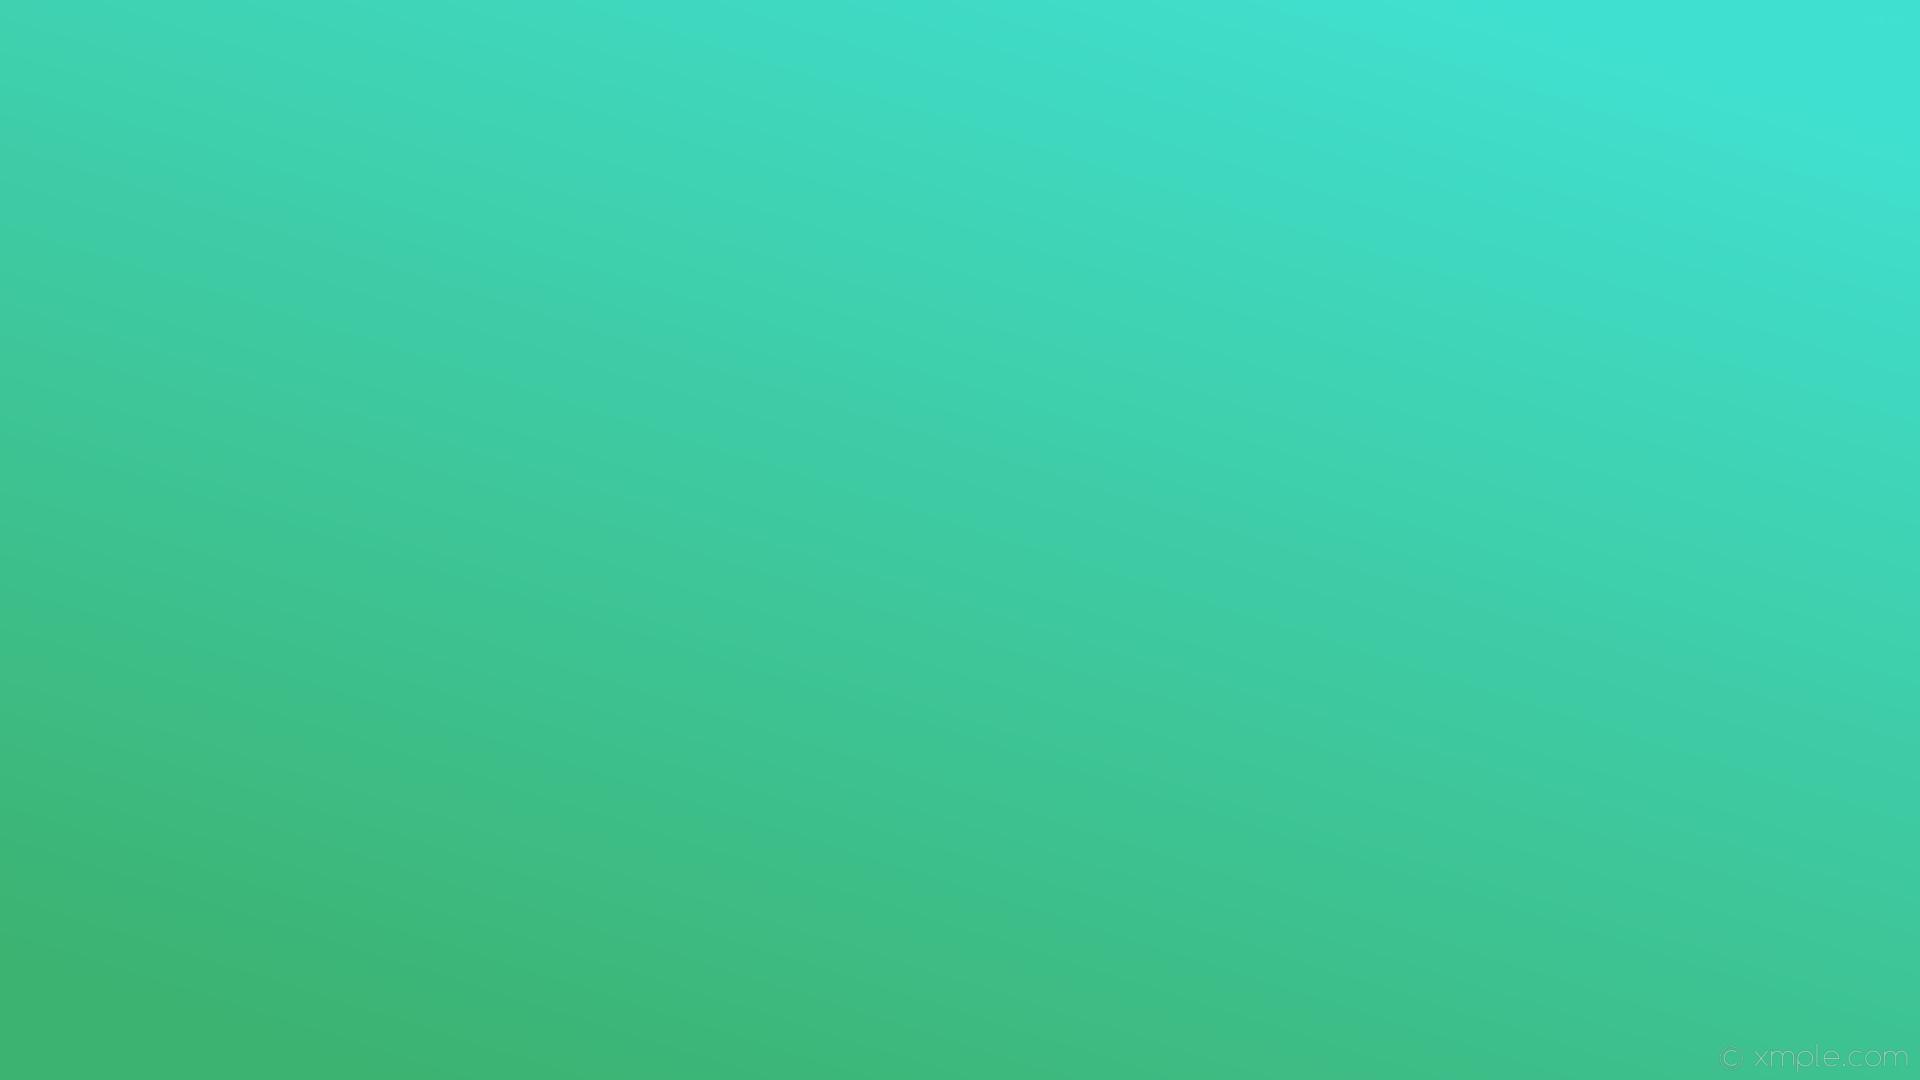 blue green wallpaper blue green linear gradient 40e0d0 3cb371 45 176